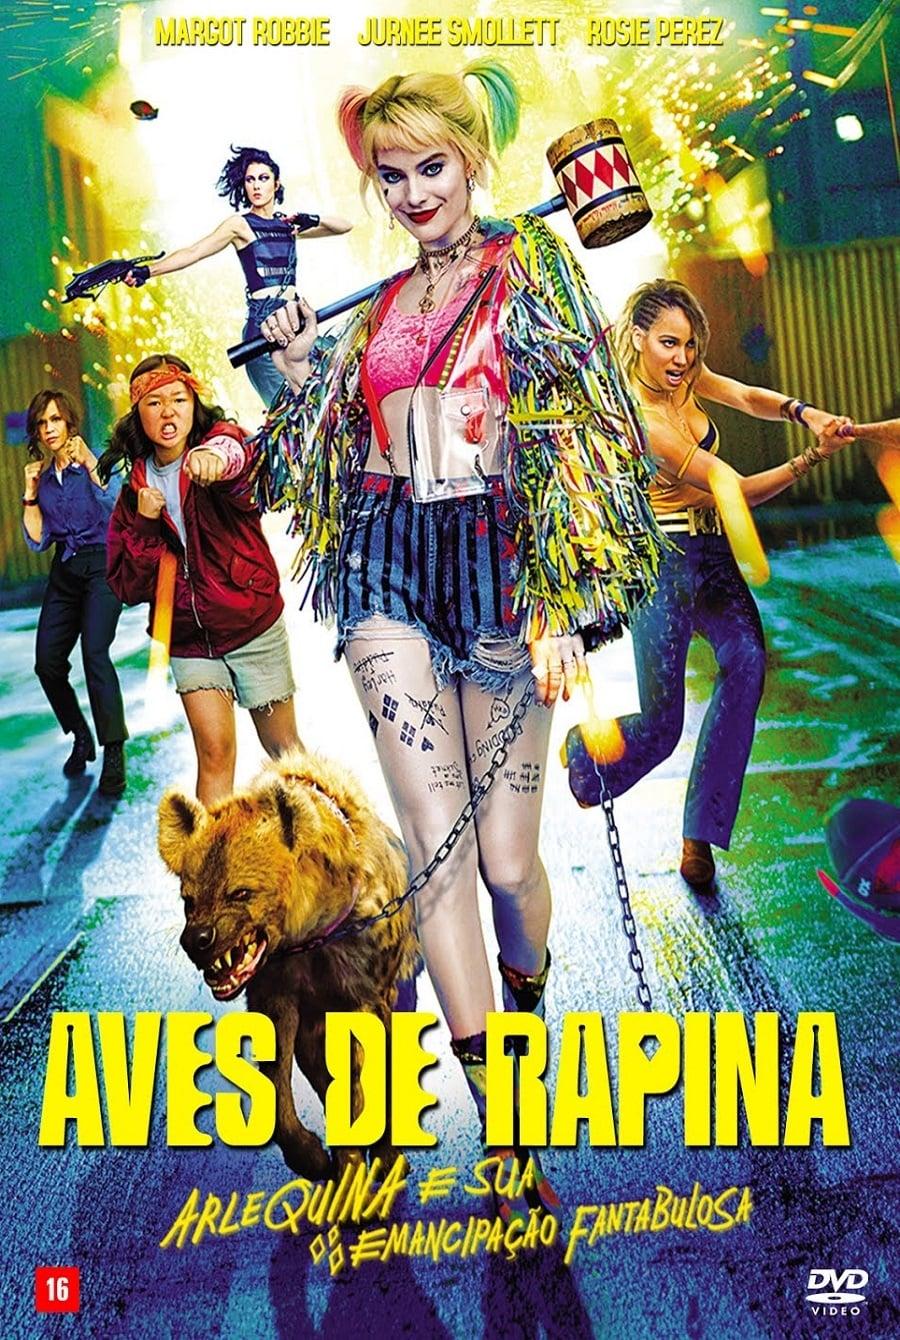 assistir filme aves de rapina: arlequina e sua emancipação fantabulosa